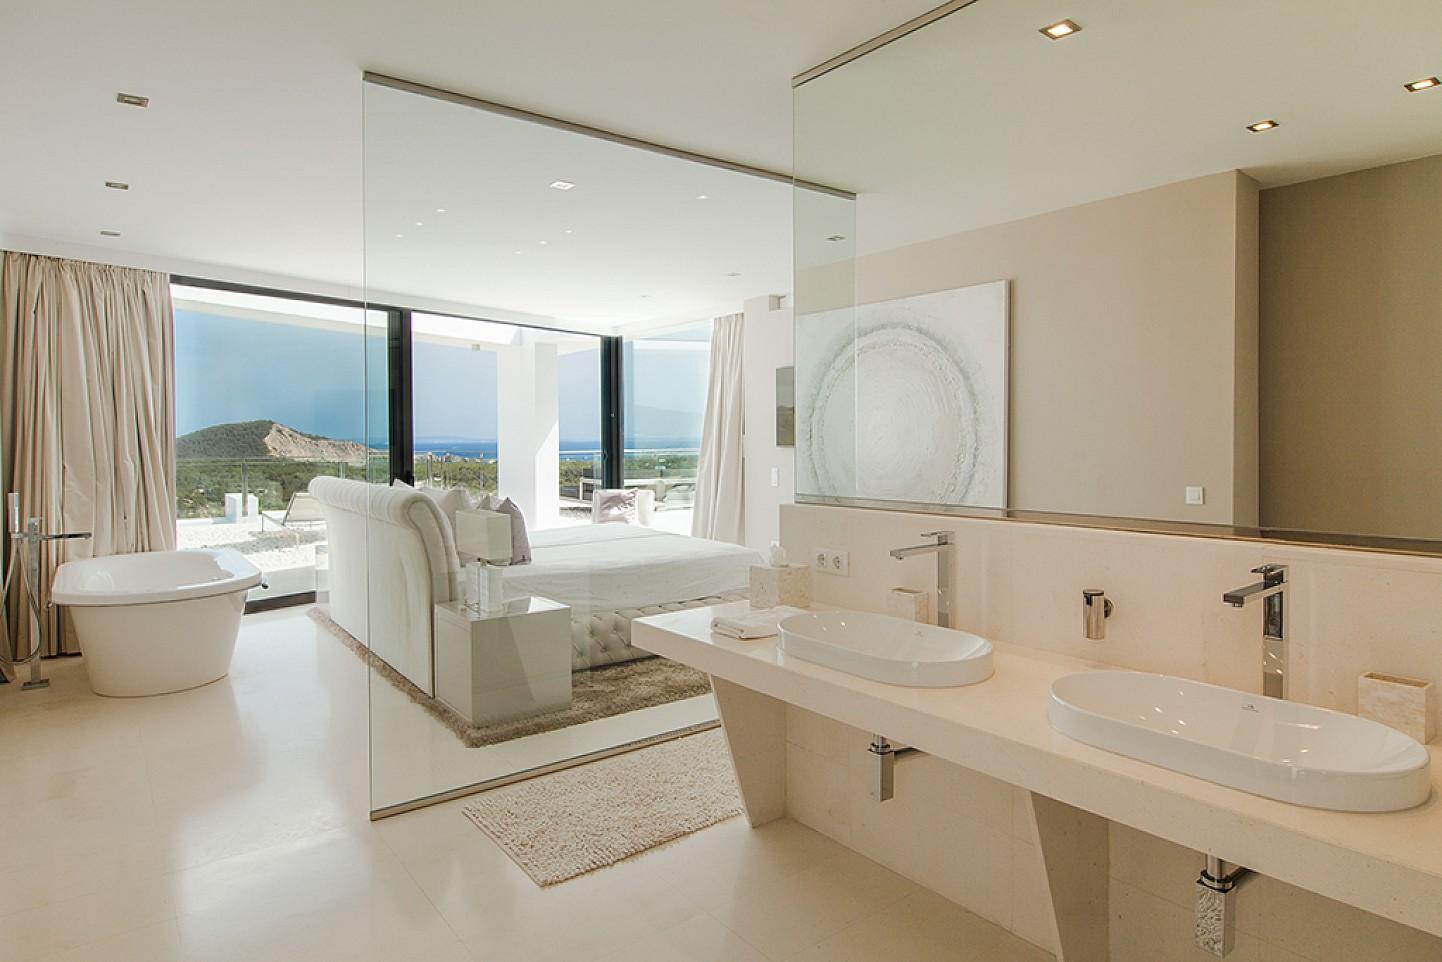 Badezimmer mit Schlafzimmer mit Jacuzzi